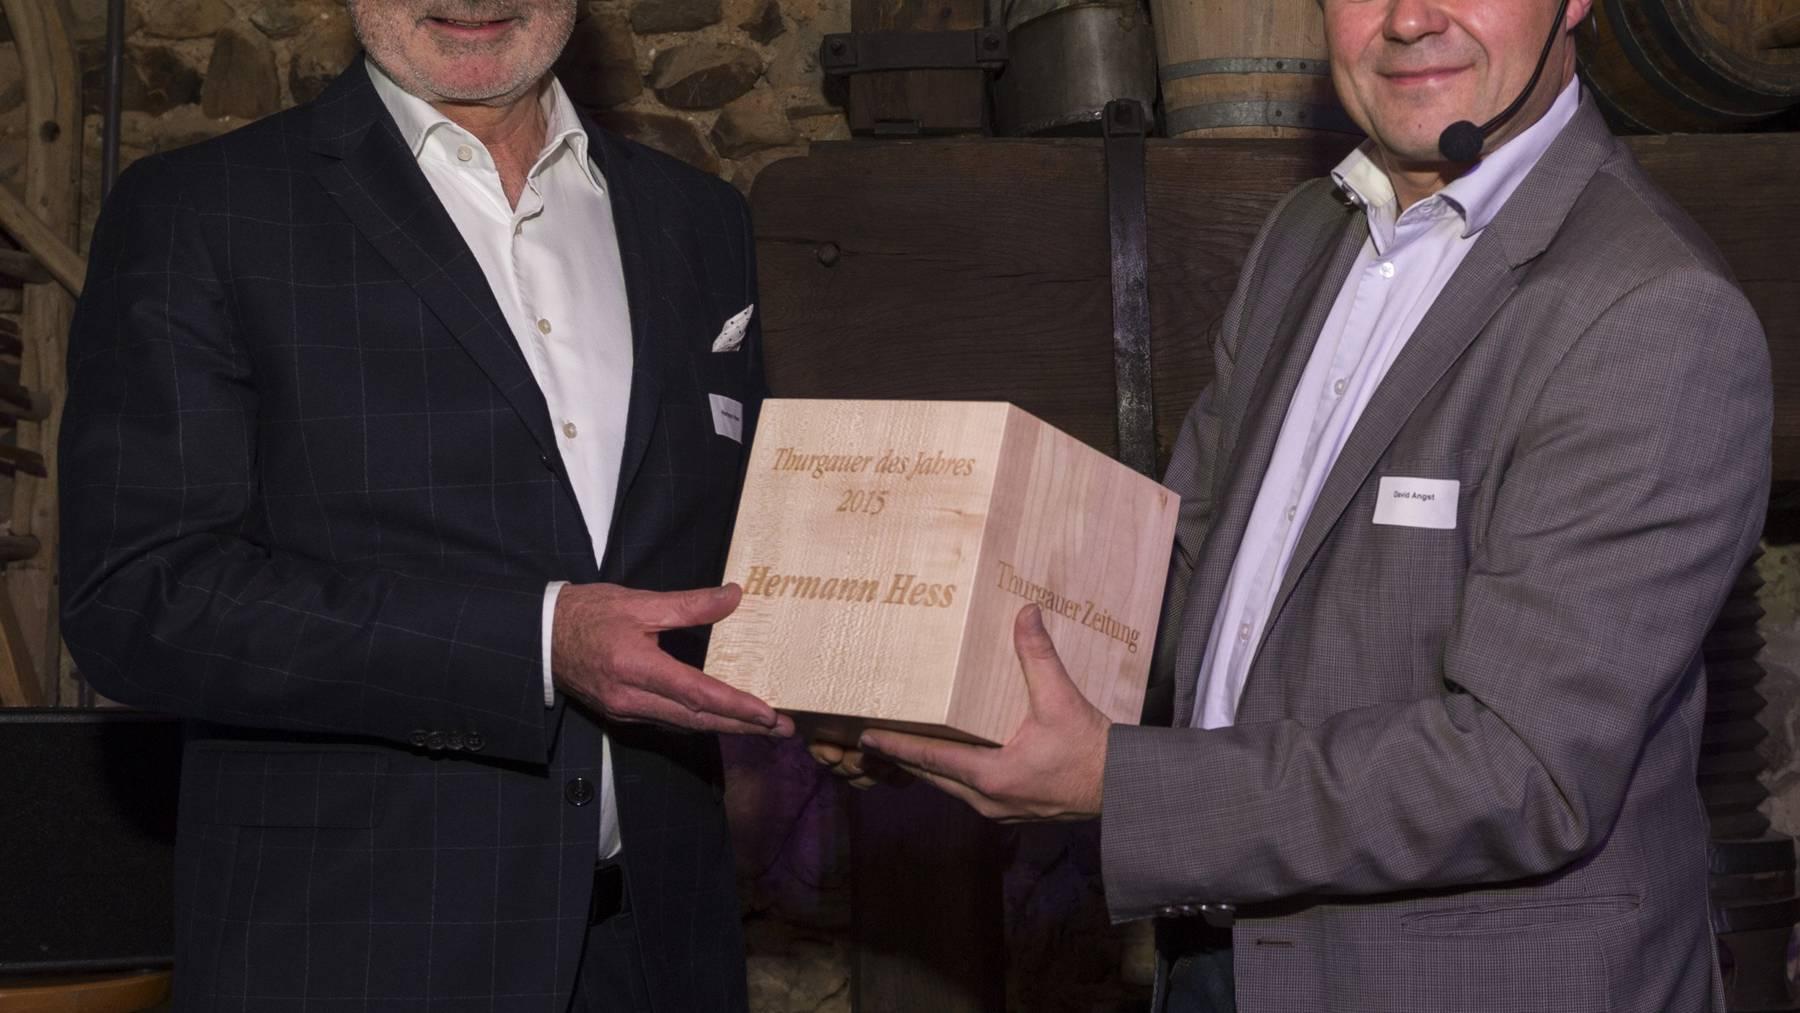 Jury-Präsident David Angst (rechts) ehrt den Thurgauer des Jahres 2015 Hermann Hess (links).